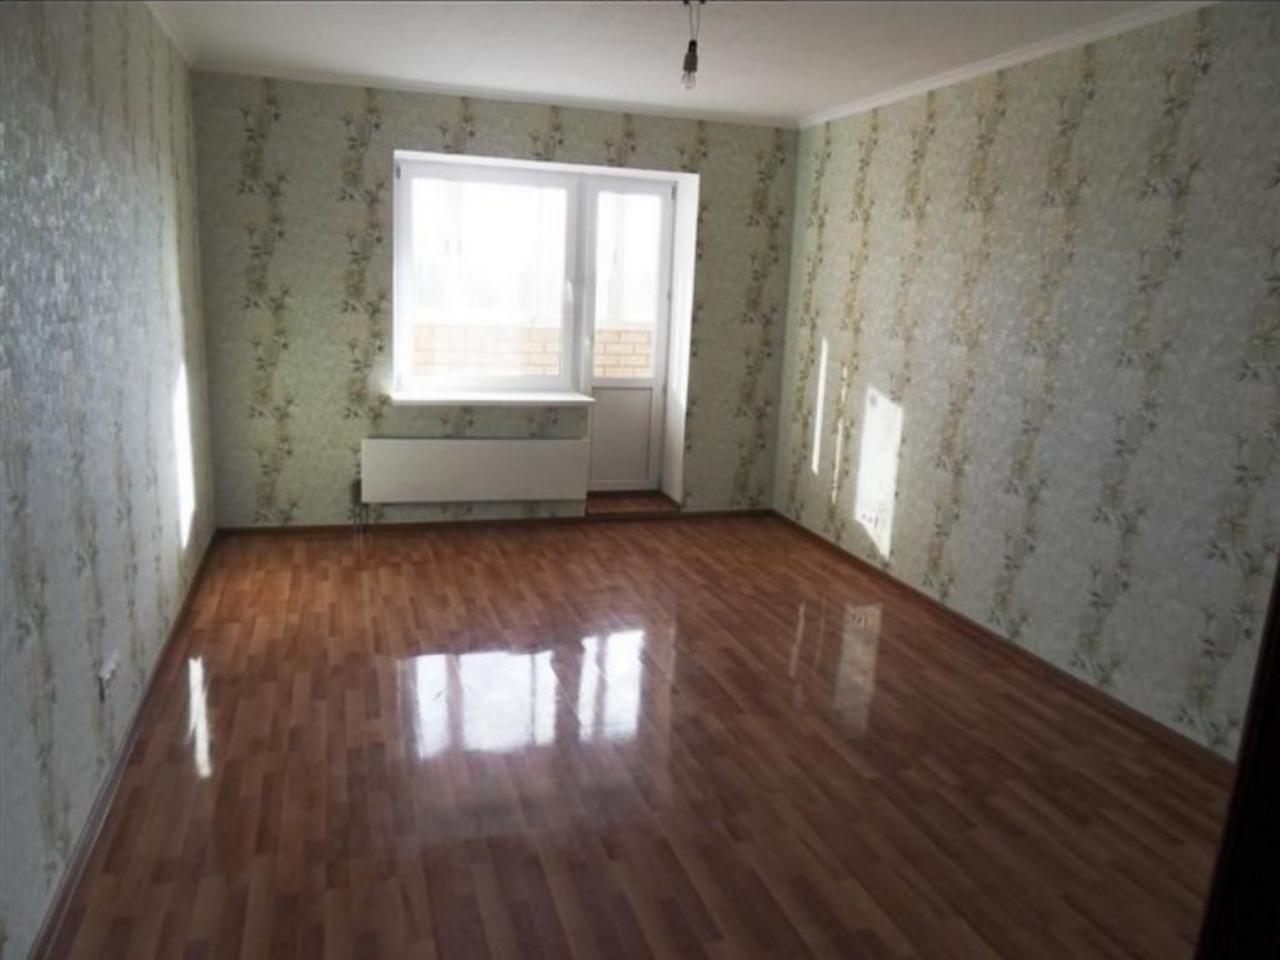 Ремонт однокомнатной квартиры в Екатеринбурге от